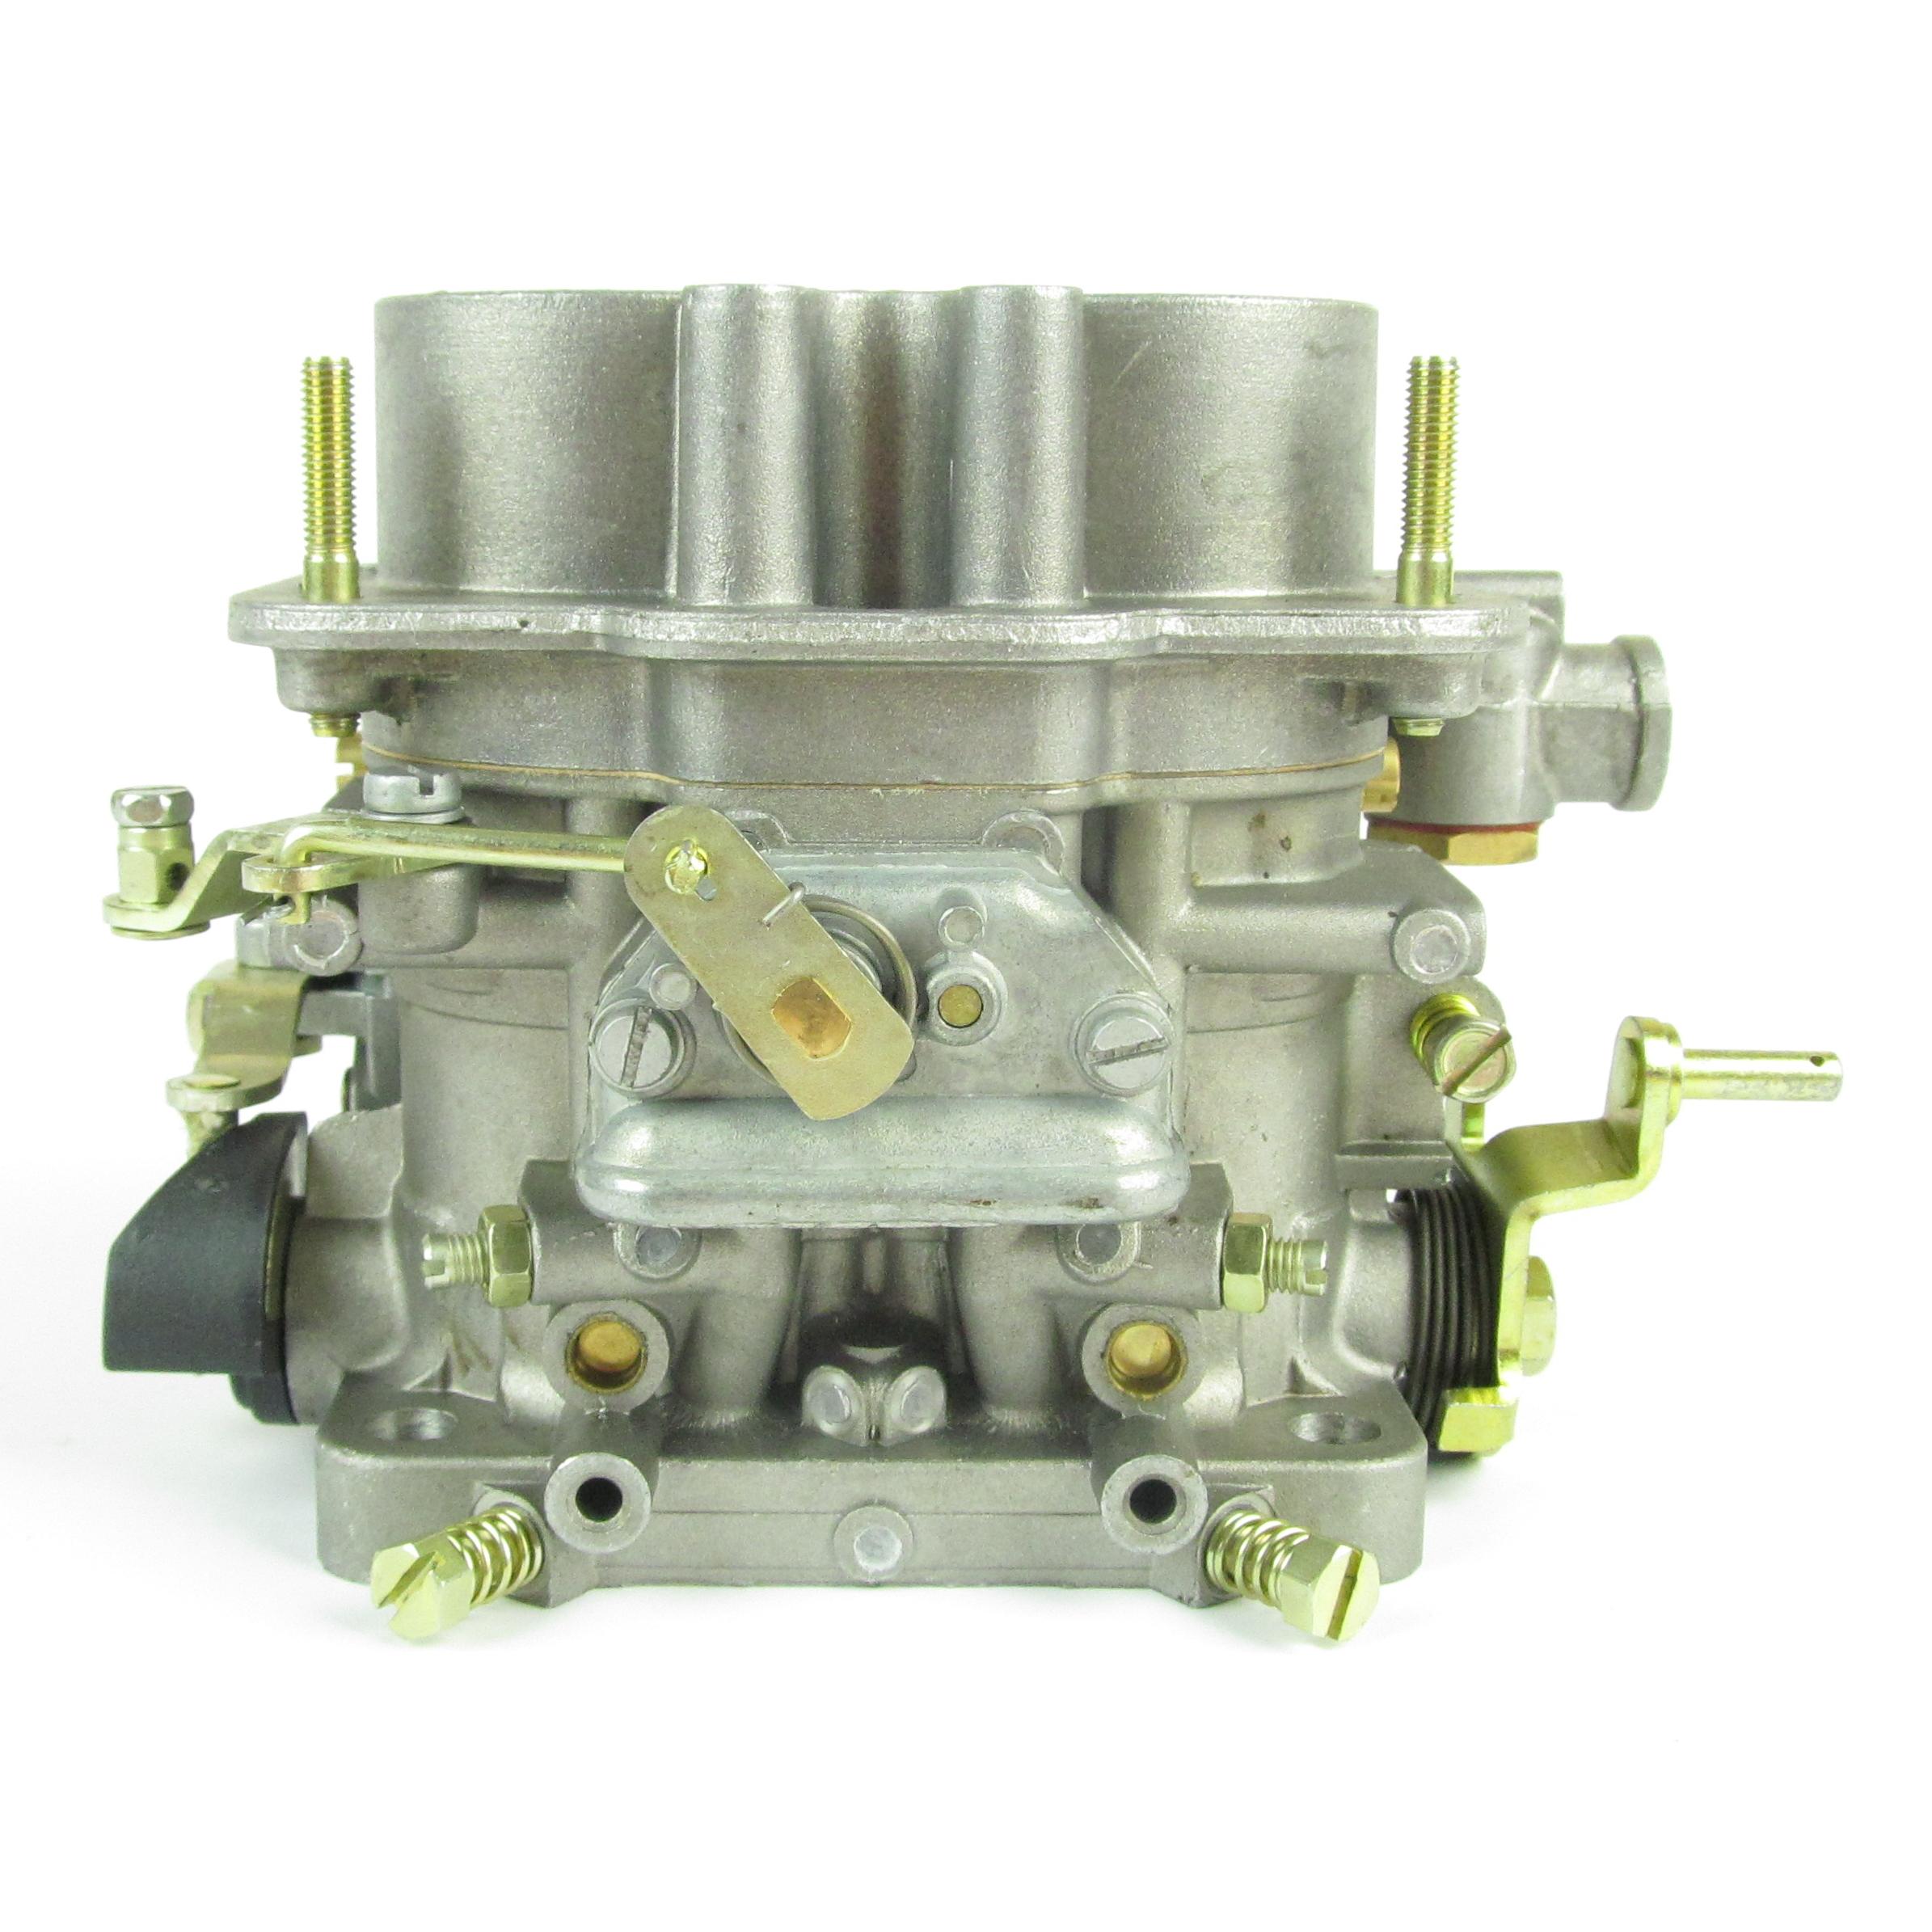 genuine weber 40 dcnf carburettor ferrari  fiat  ford  v6 dellorto dhla 40 manual dellorto dhla 40 service manual